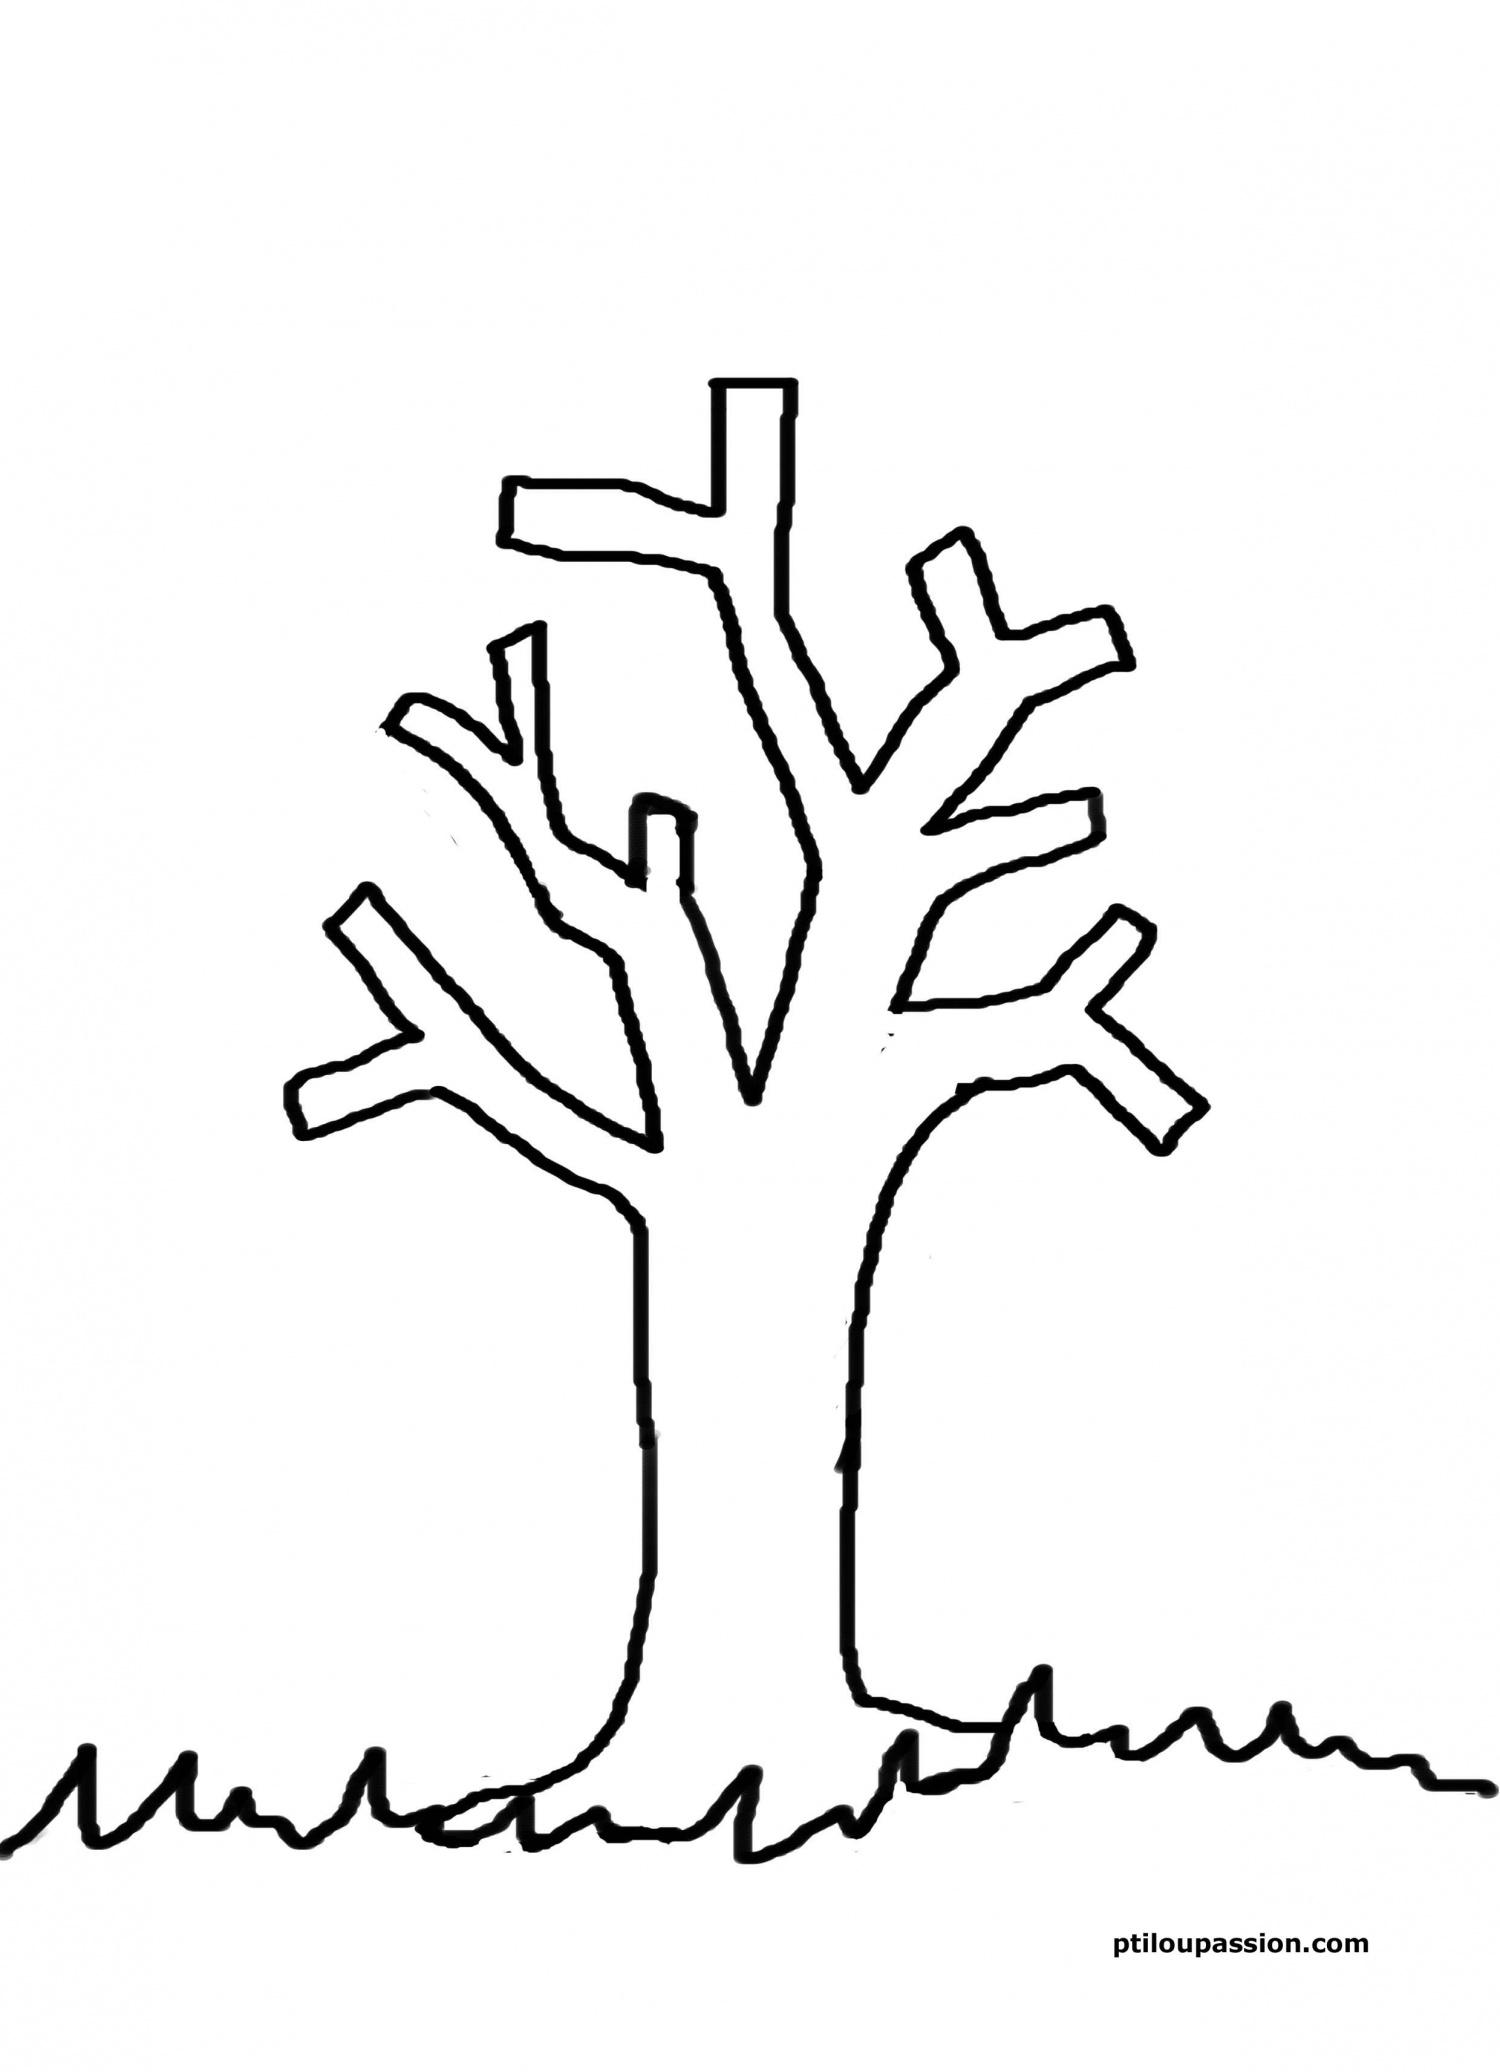 97 dessins de coloriage automne gs imprimer - Dessiner un arbre d automne ...